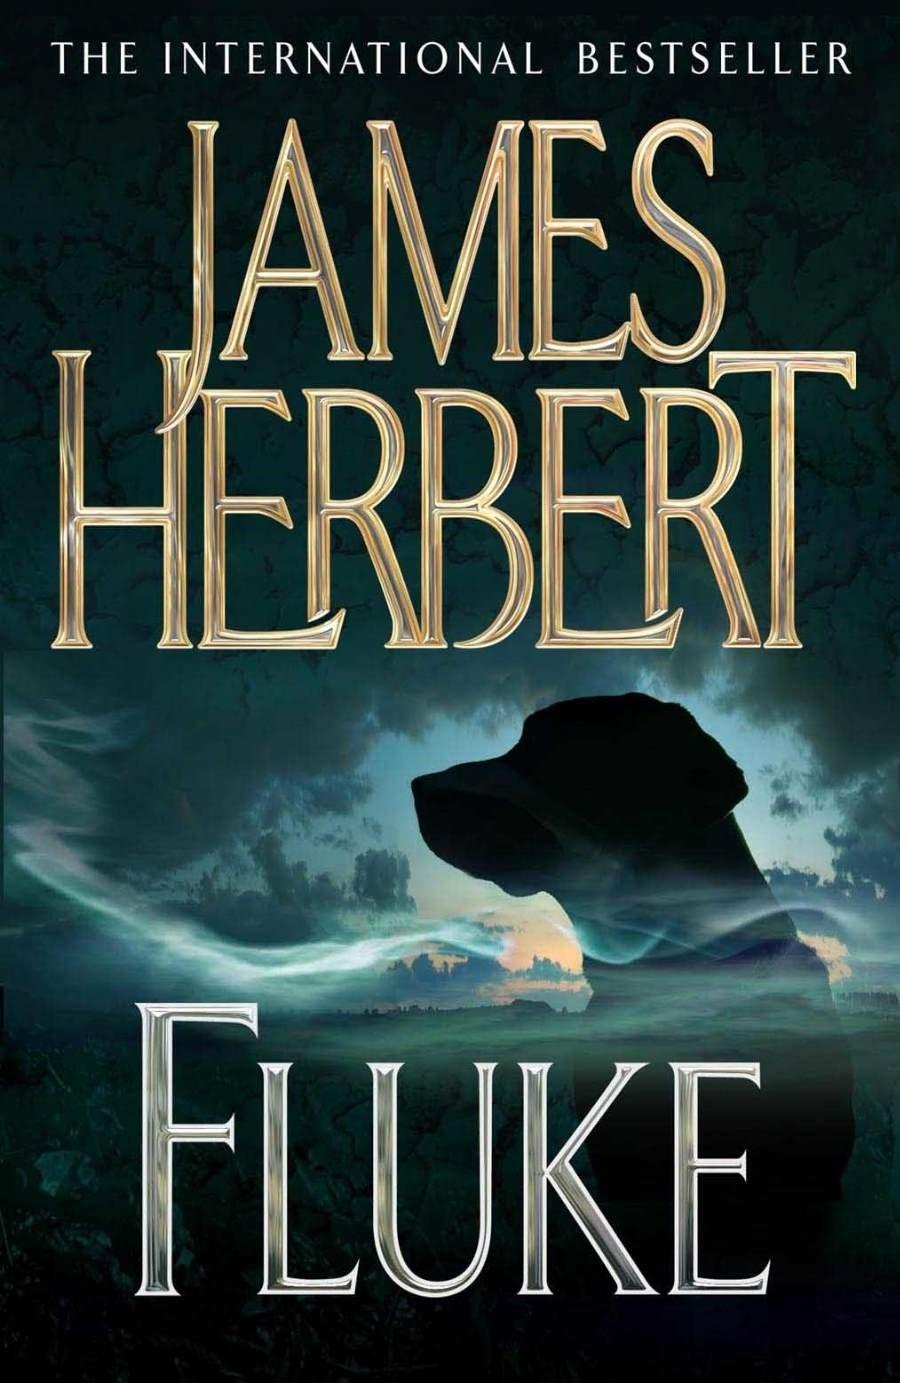 Fluke: Amazon.co.uk: Herbert, James: 8601405774552: Books